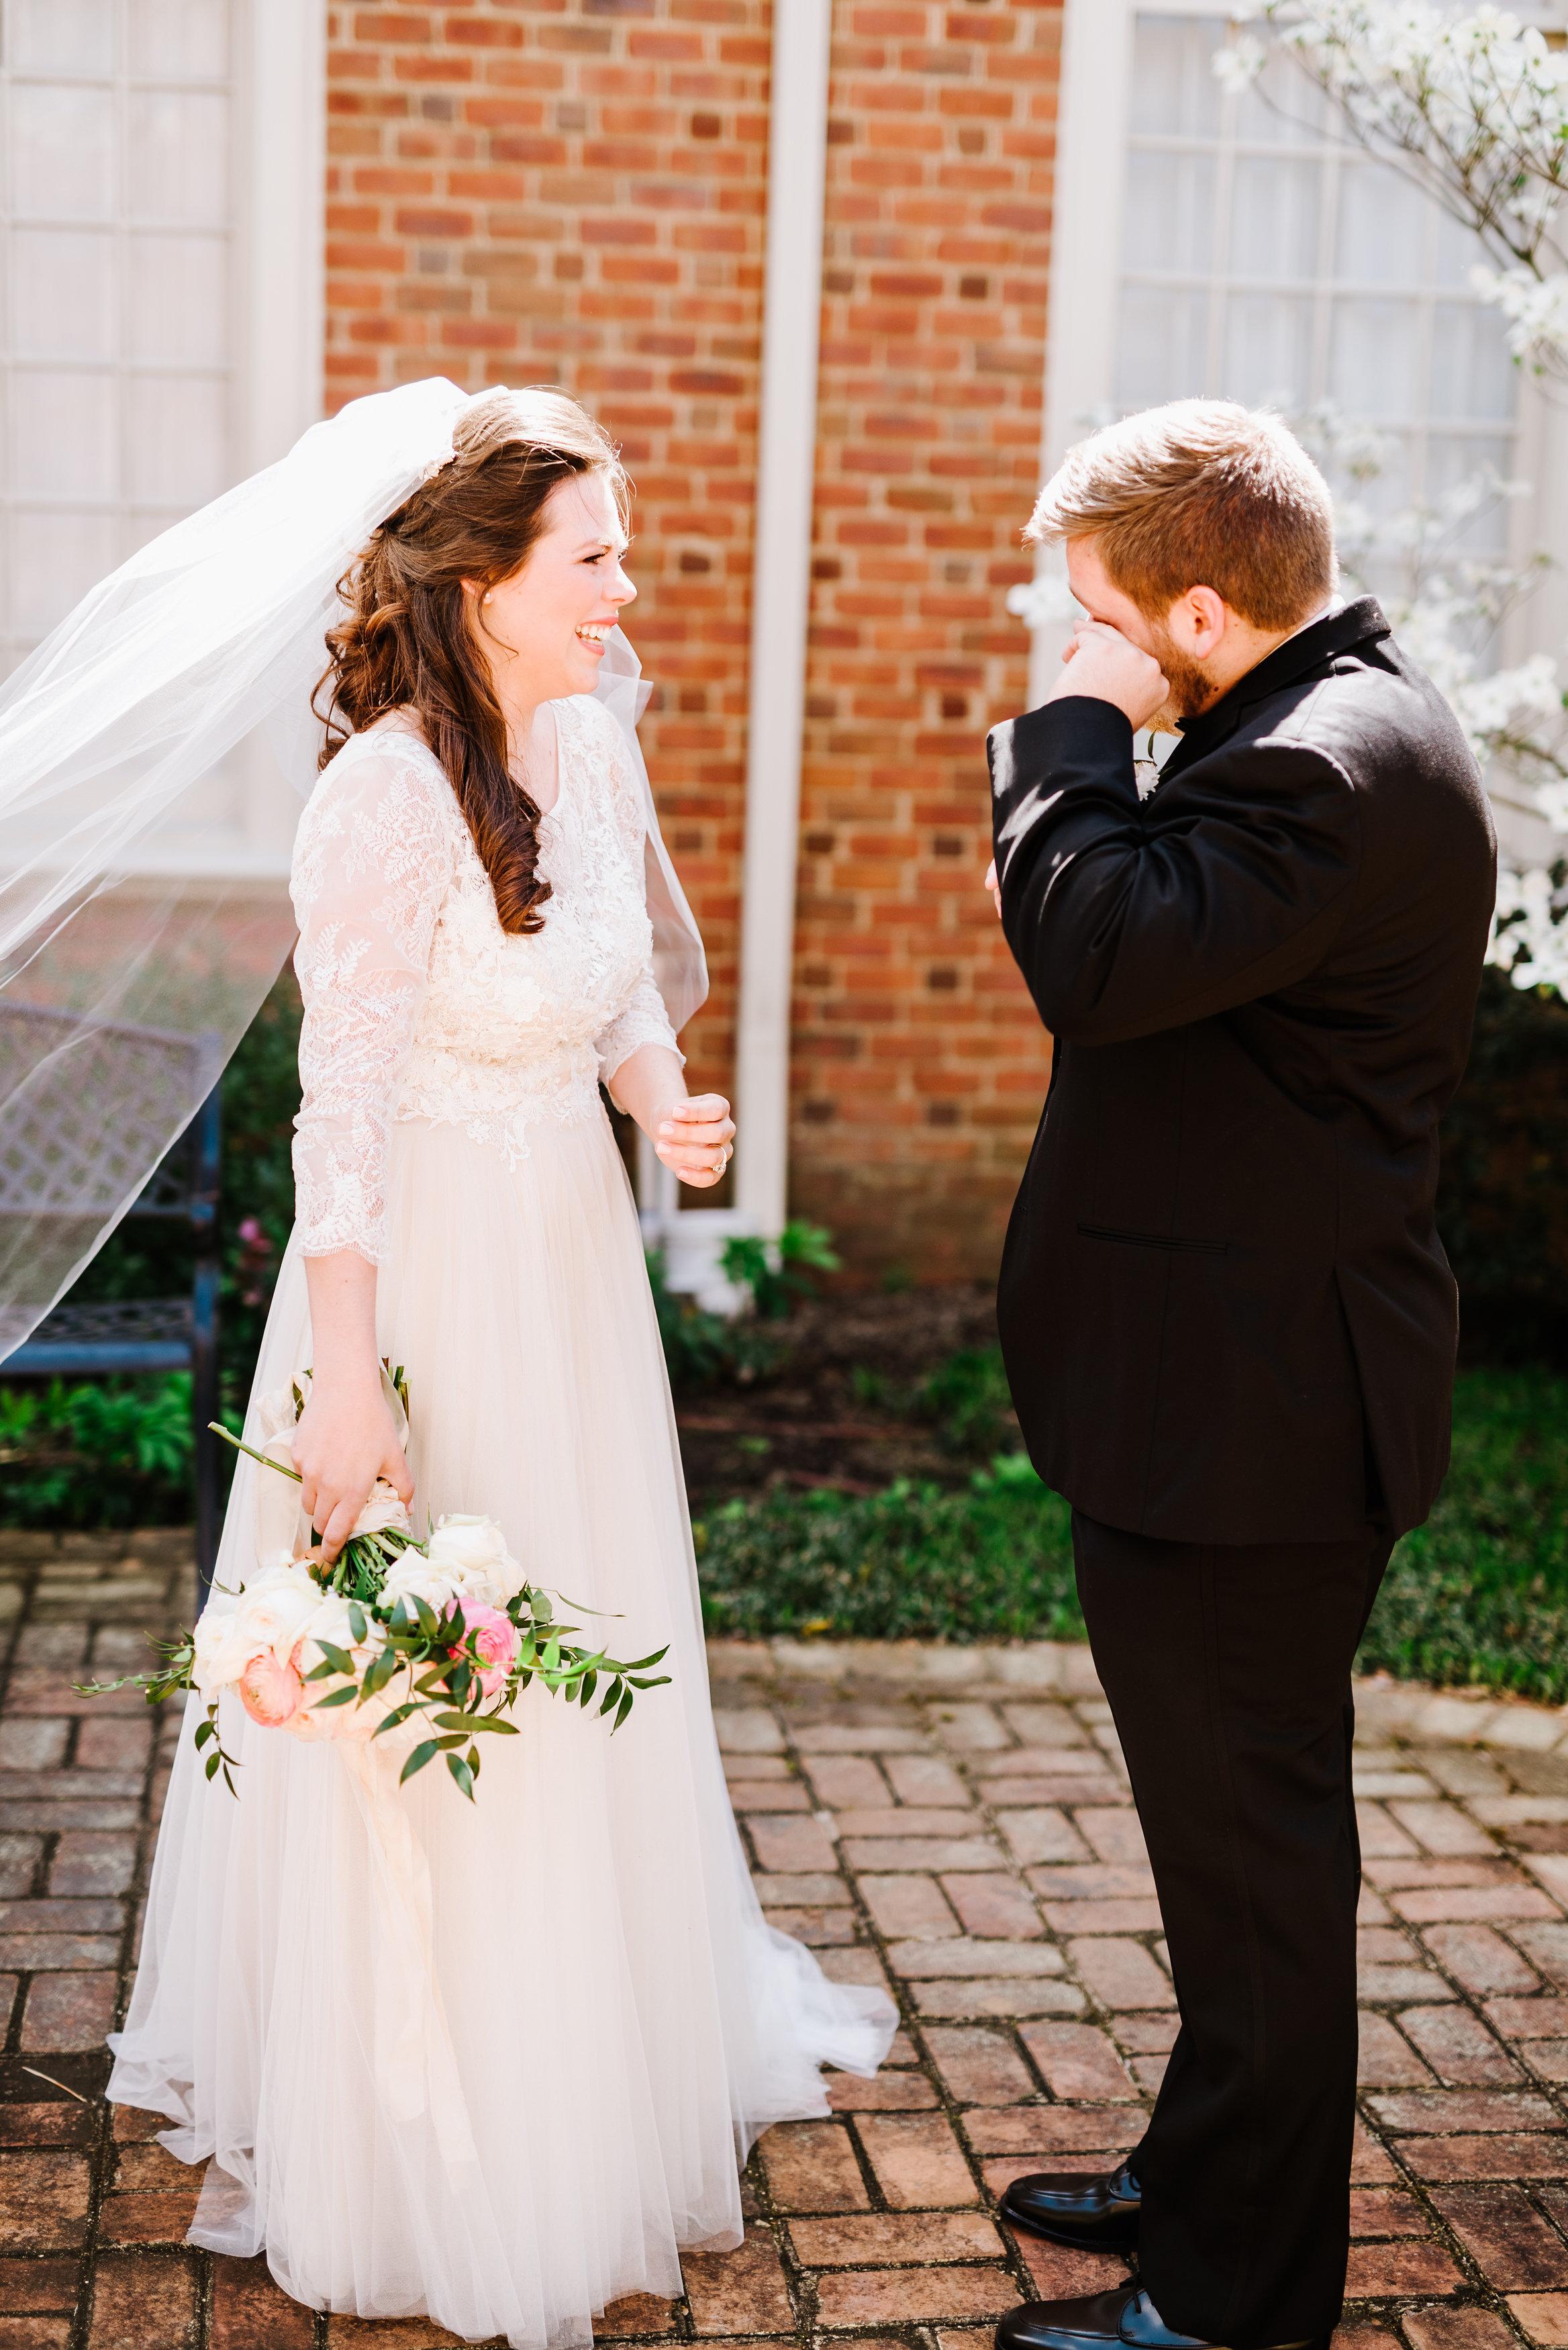 tylar-seth-wedding-76.jpg